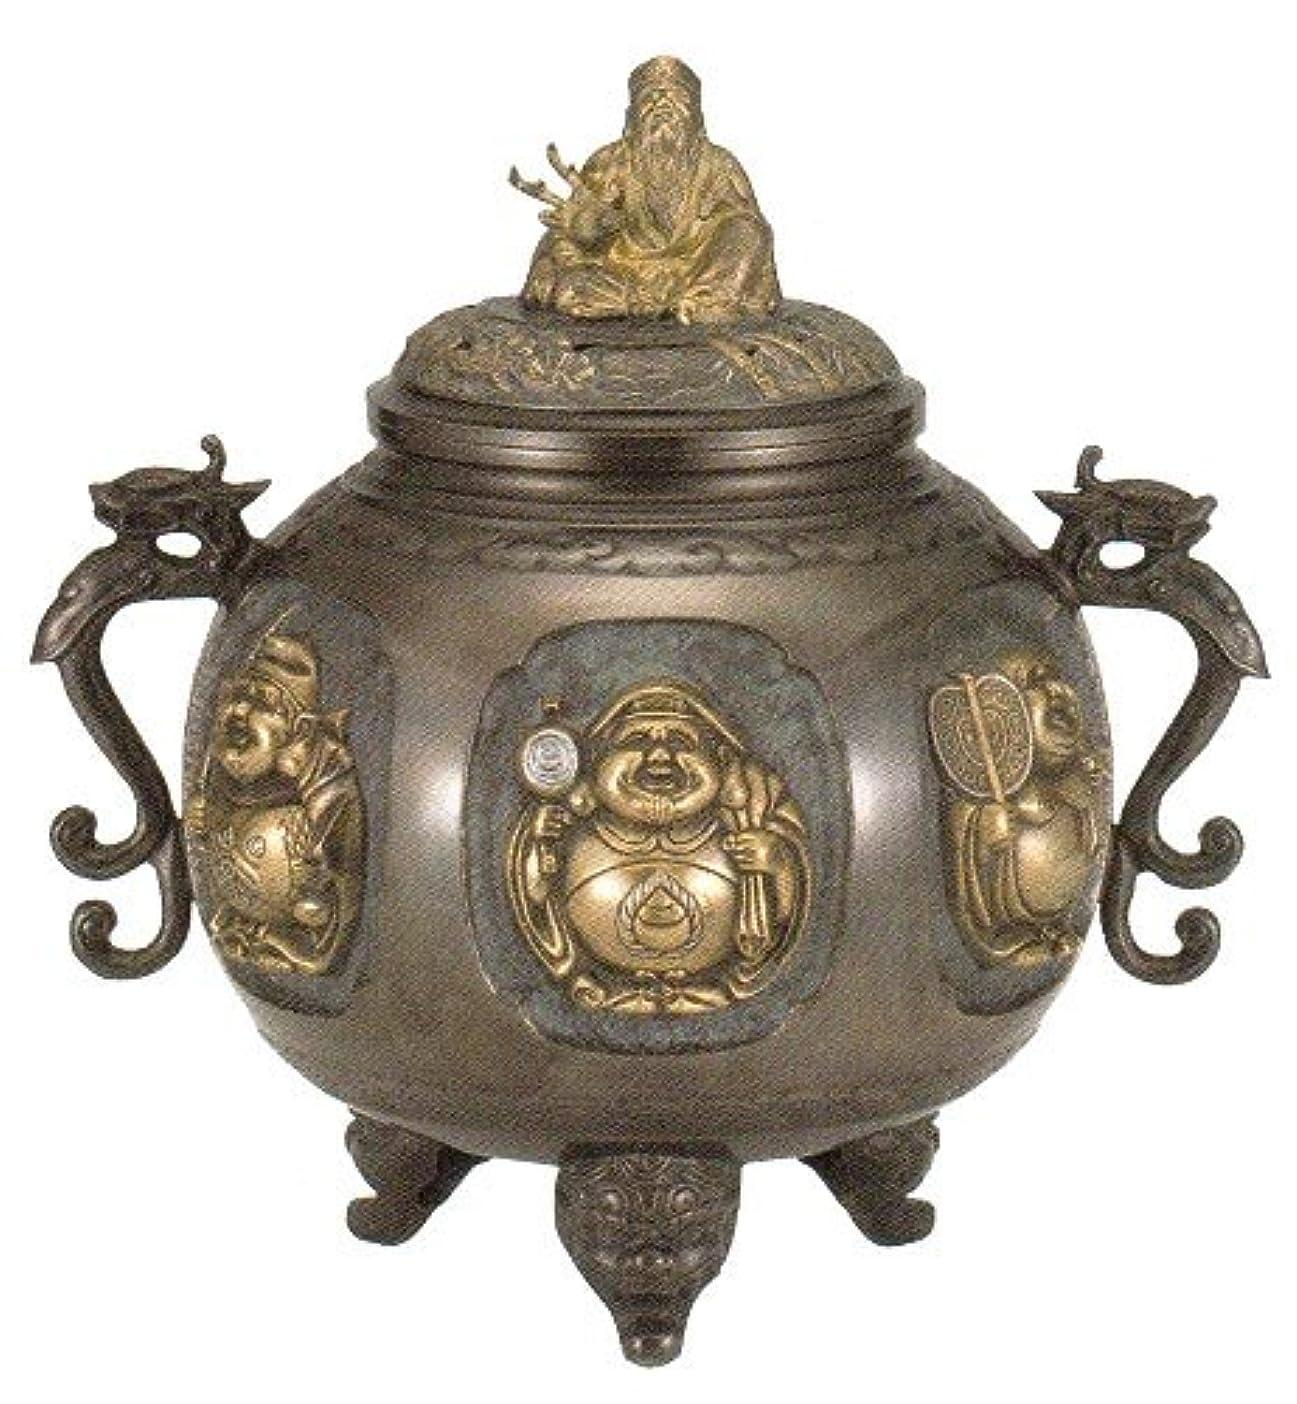 香炉 特大 七福神(さしメッキ)高岡銅器 青銅製 高さ31×幅30×奥行24.5cm